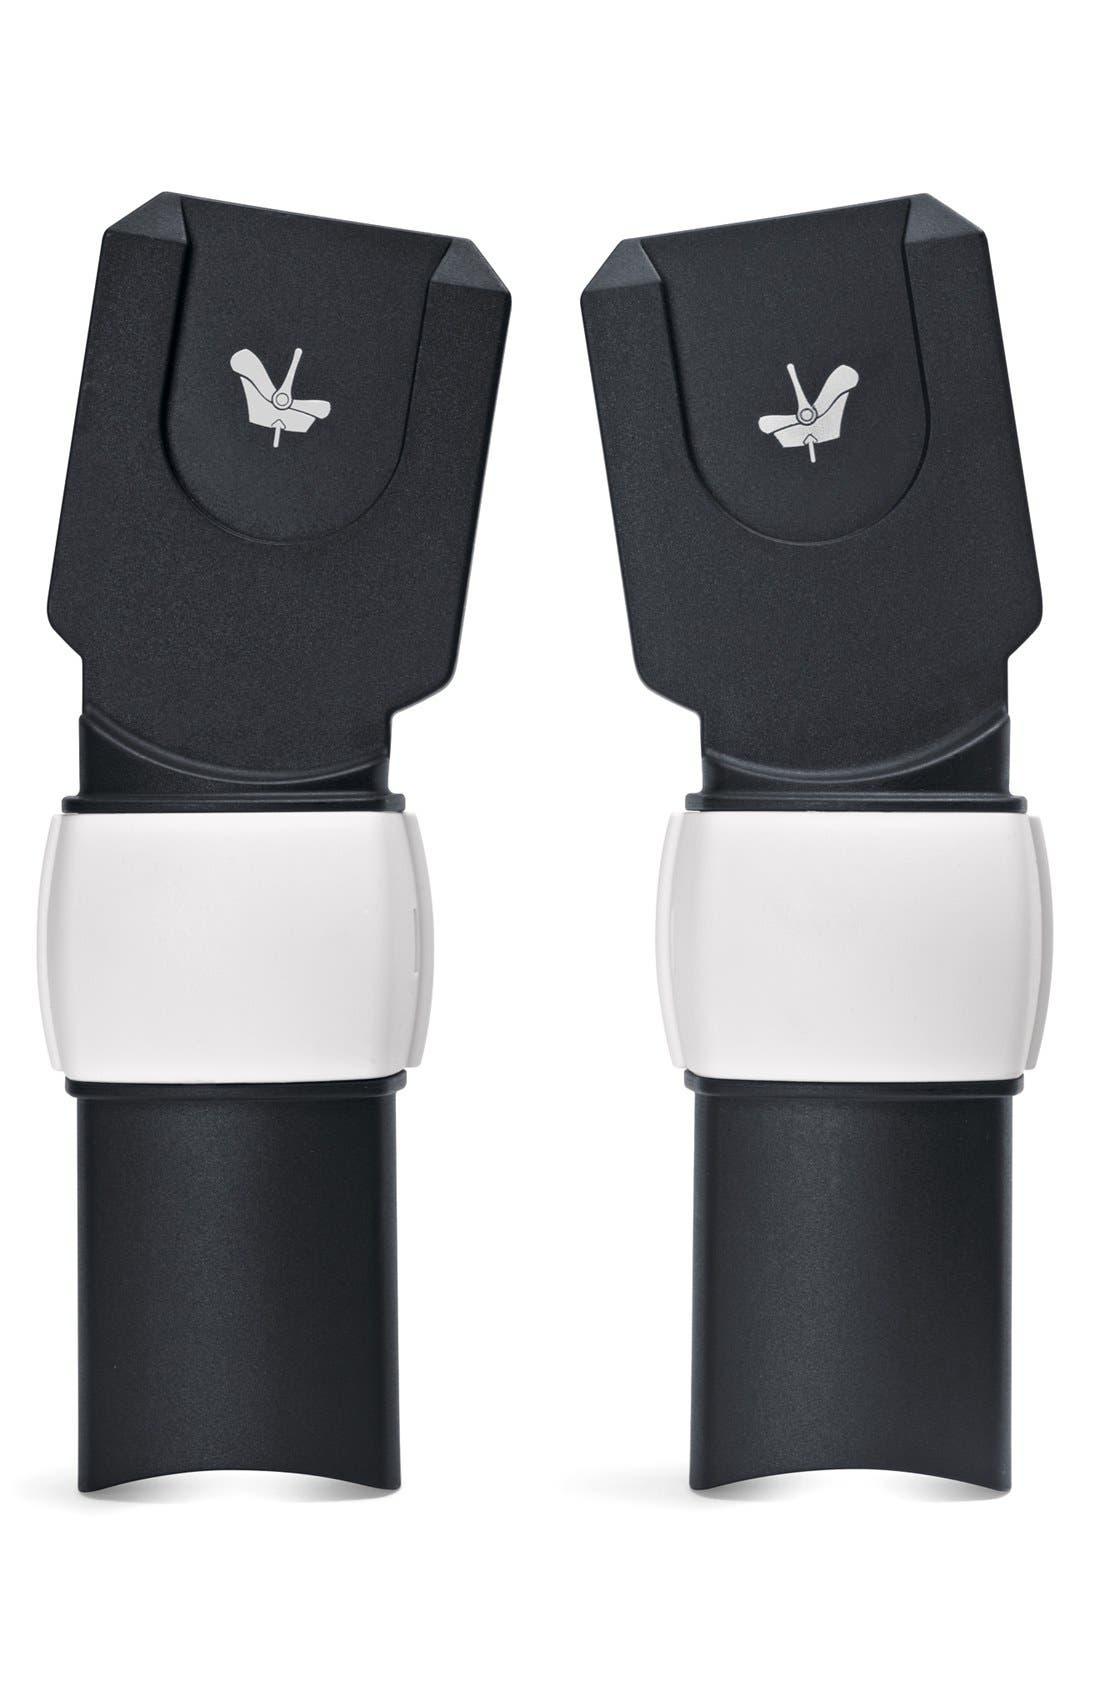 Alternate Image 1 Selected - Bugaboo 'Buffalo' Maxi Cosi Car Seat Adaptors